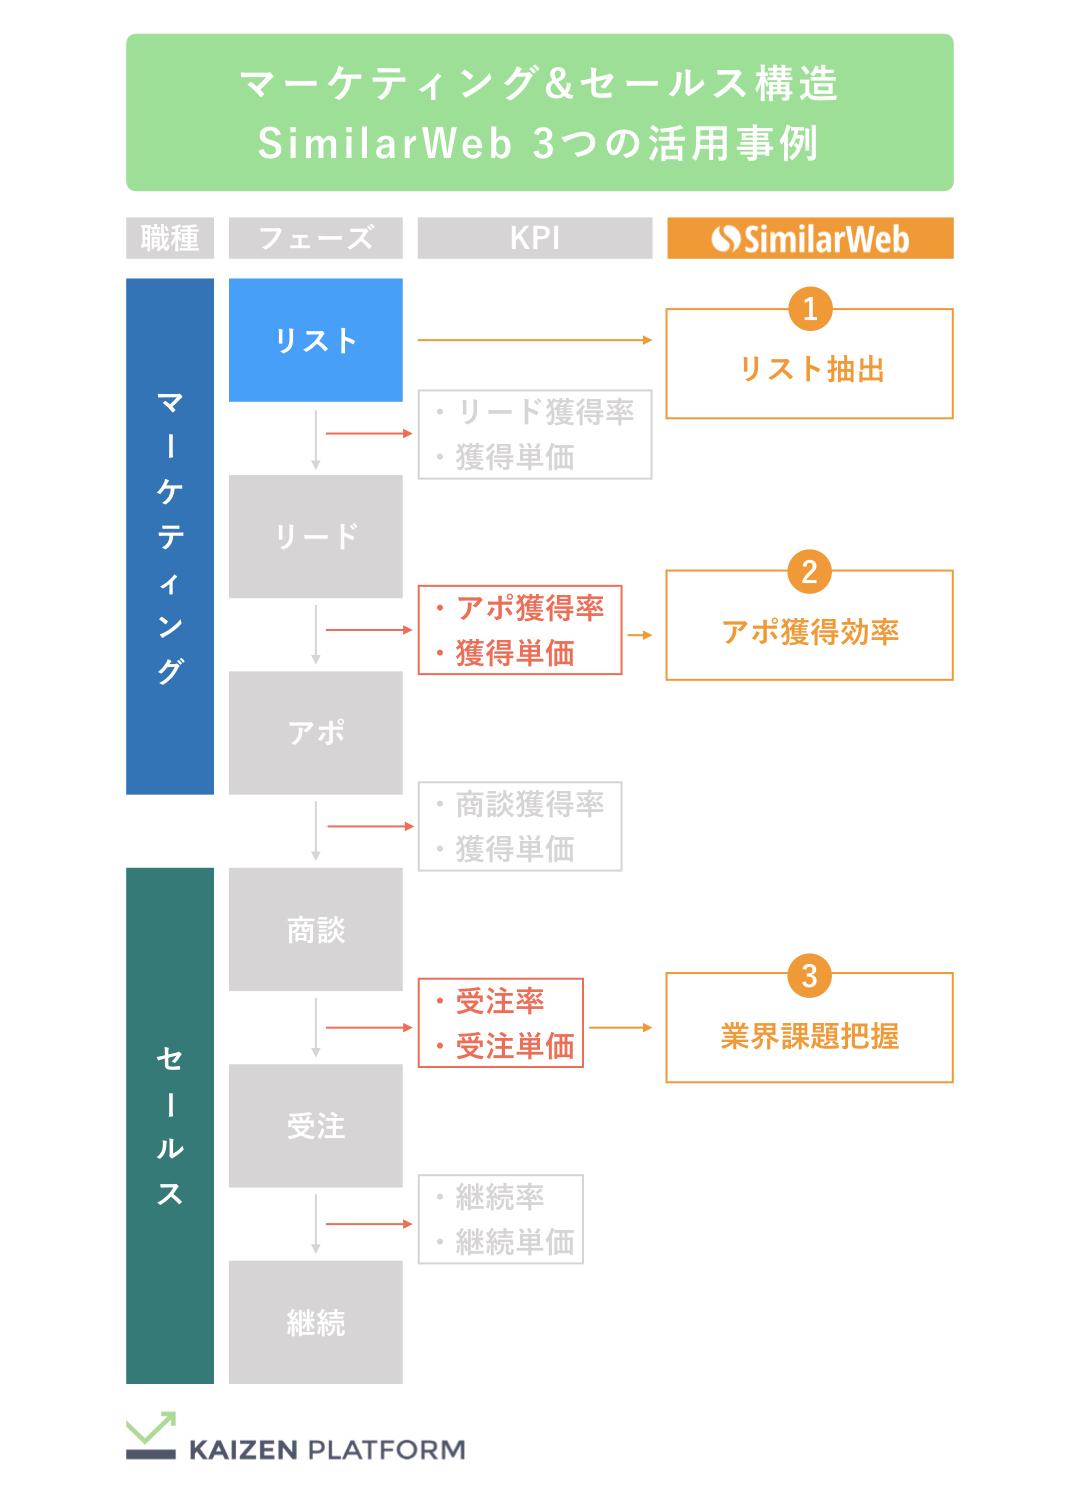 Kaizen Platform SimilarWeb3つの活用事例